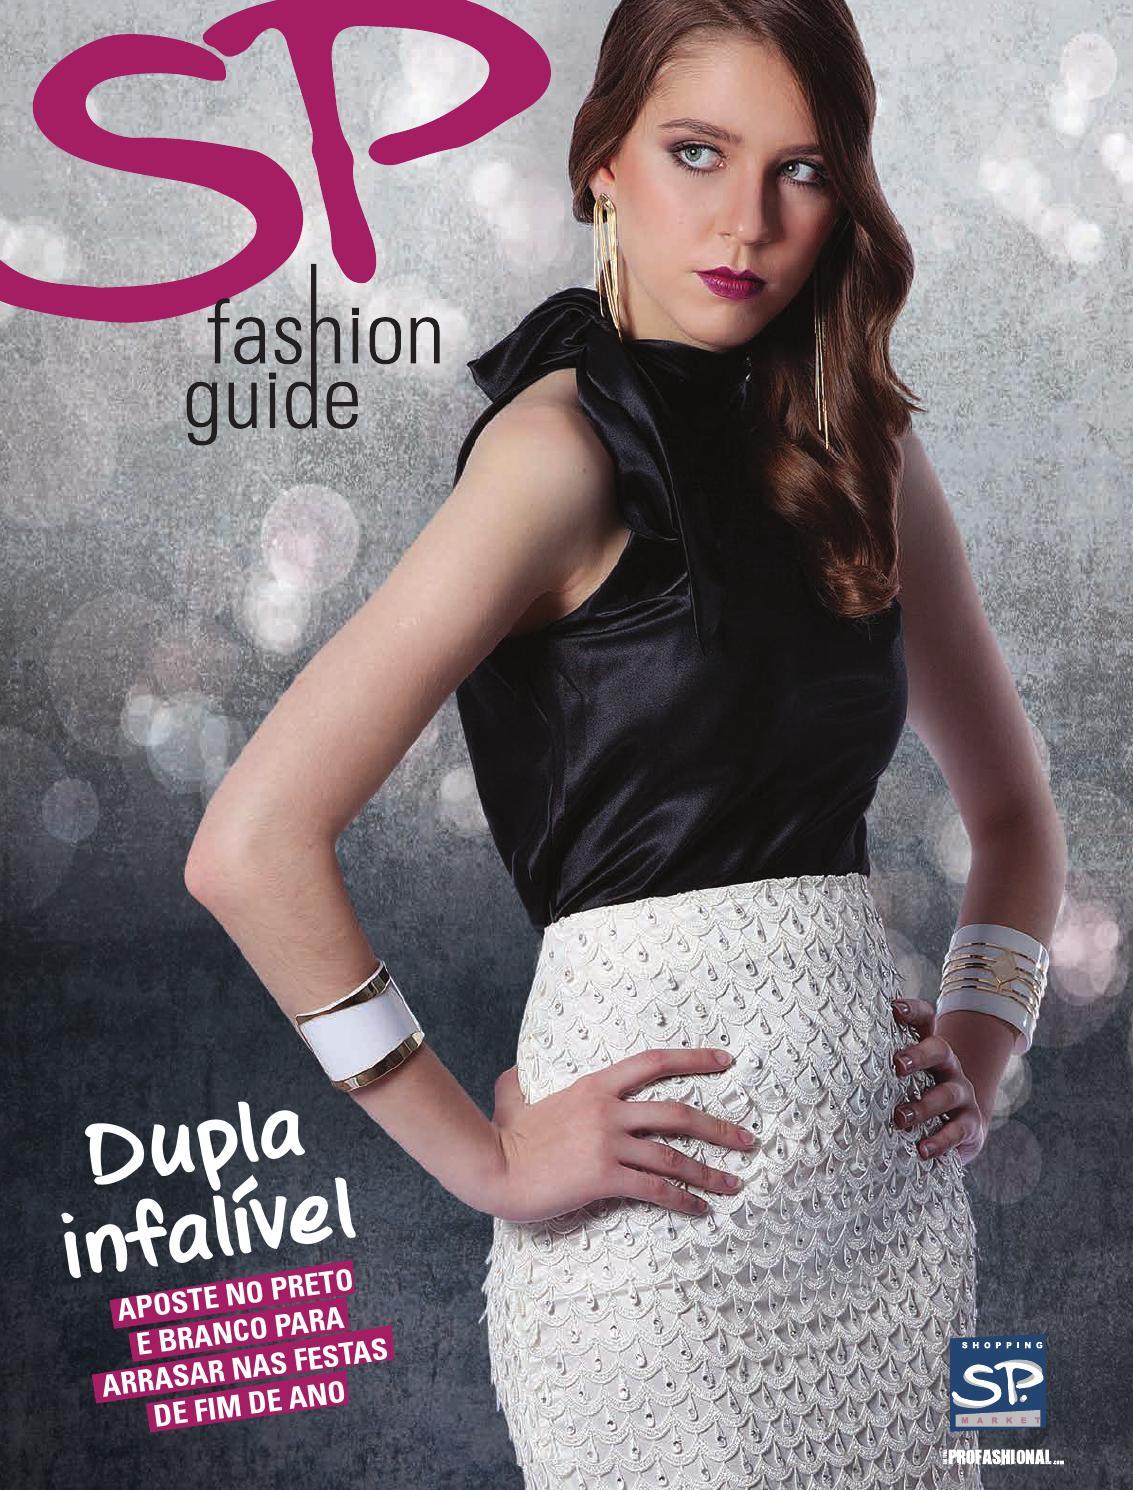 SP Fashion Guide Ed 11 by Profashional Editora - issuu 5da5341b812